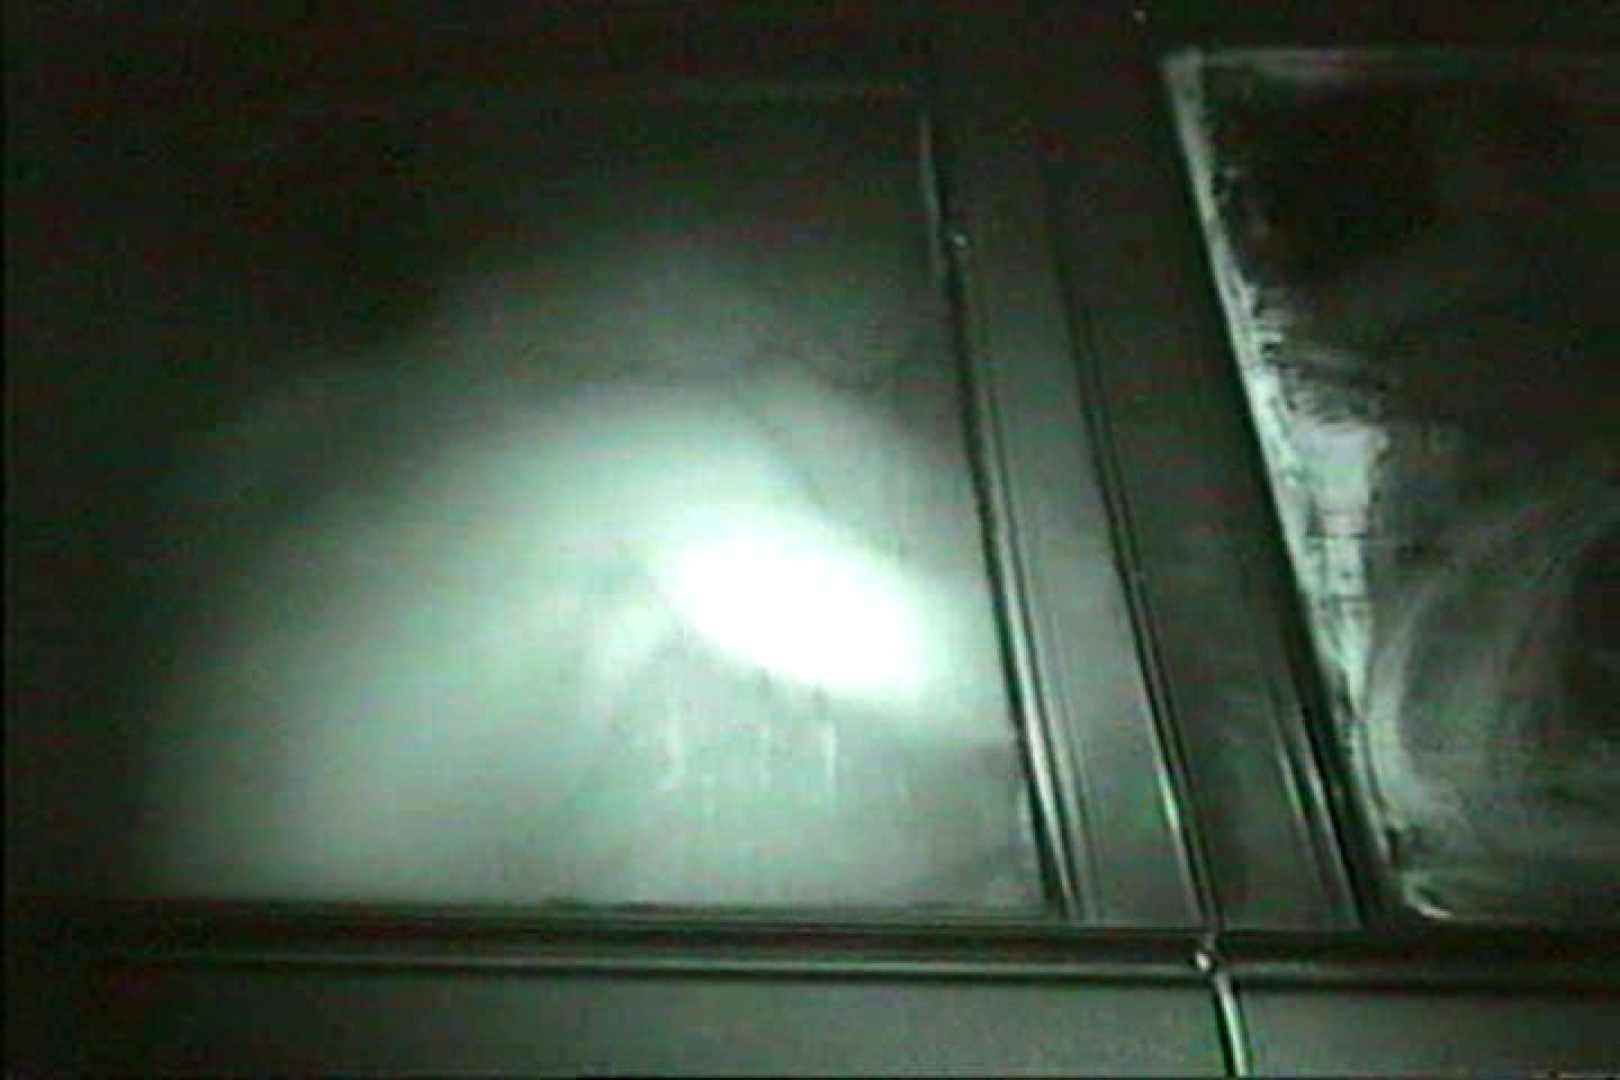 車の中はラブホテル 無修正版  Vol.28 OLセックス  79画像 12